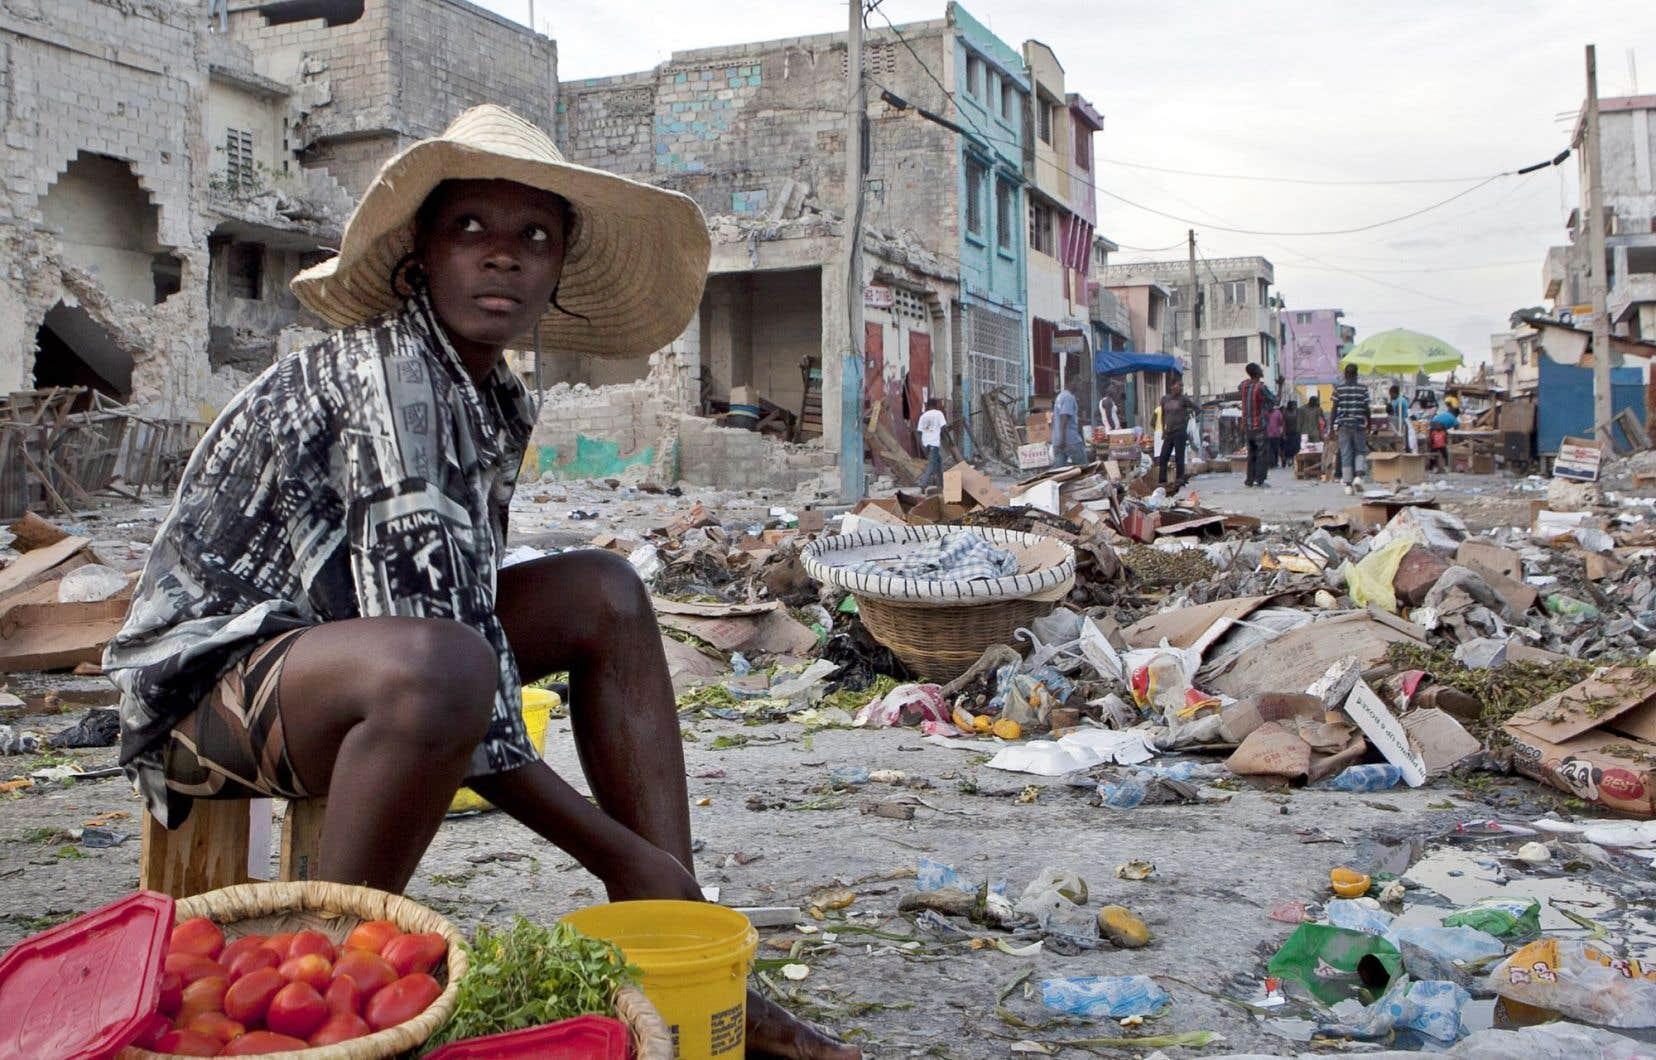 La vie a repris, au milieu des ruines de Port-au-Prince, qui ont perduré depuis longtemps.